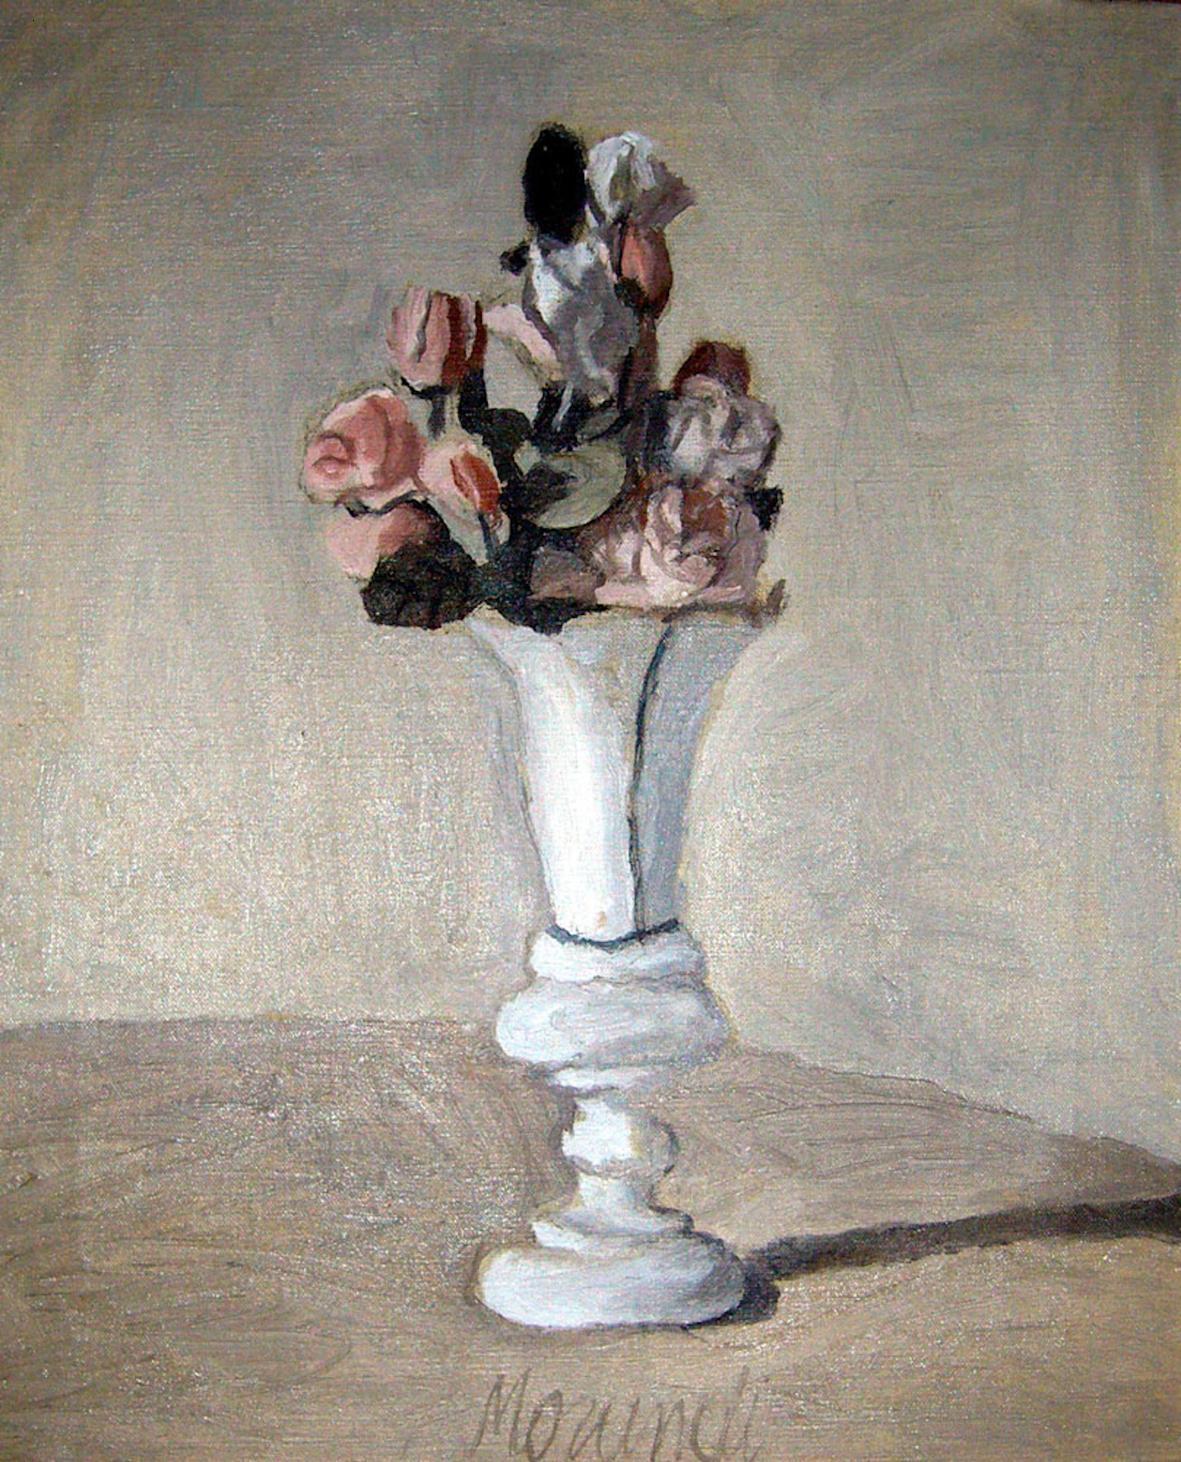 Giorgio morandi e roberto longhi a firenze in mostra una lunga fiori thecheapjerseys Gallery